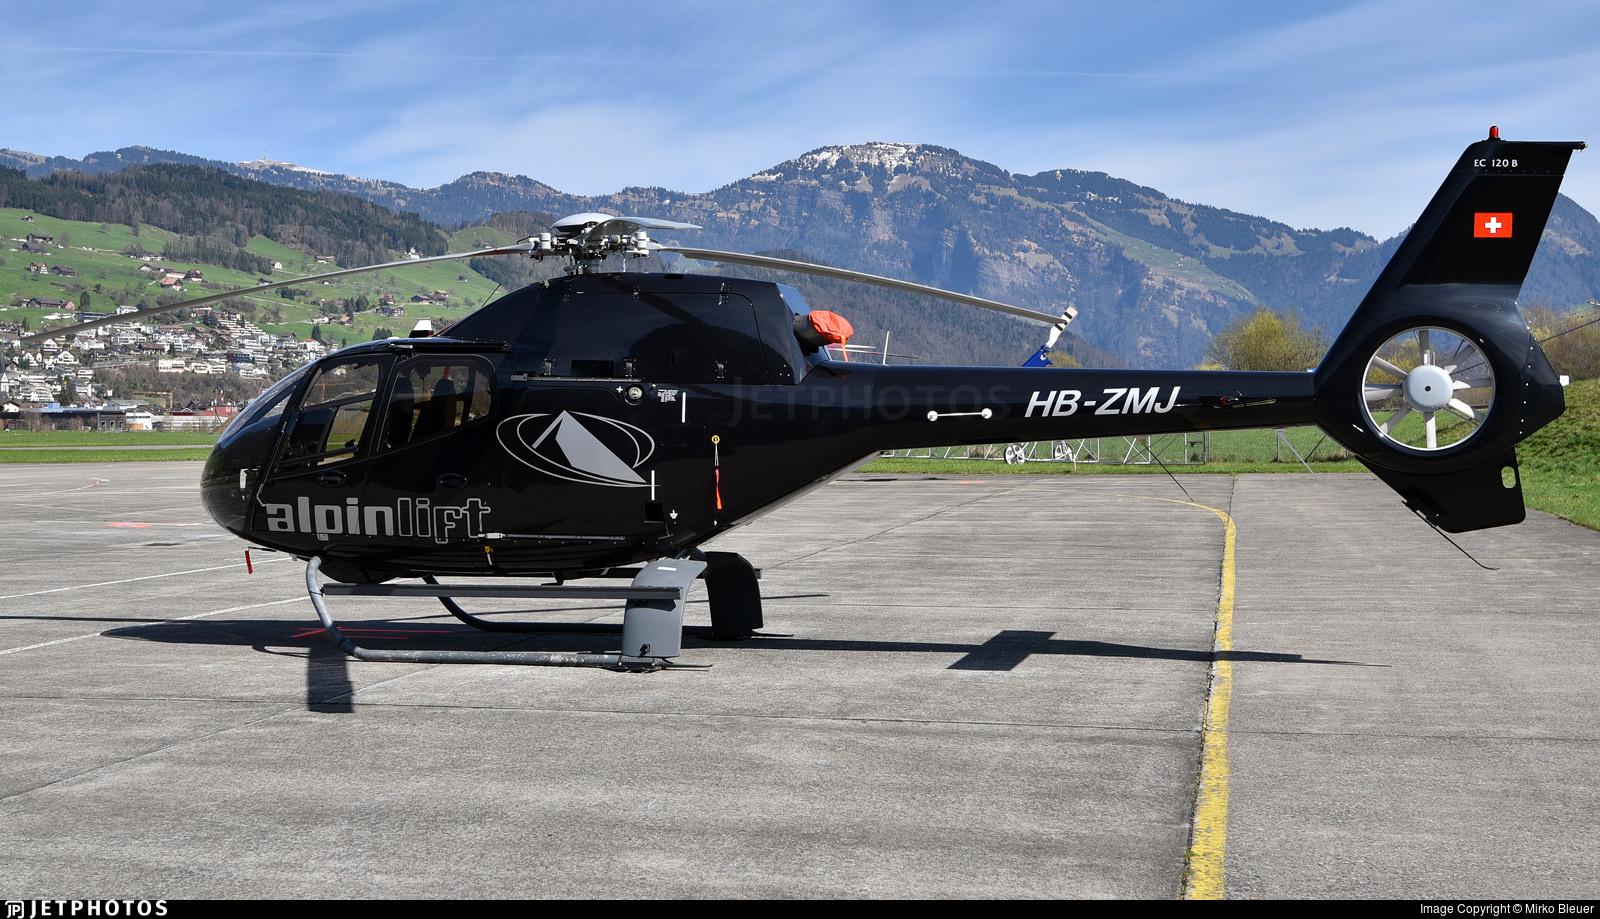 HB-ZMJ - Eurocopter EC 120B Colibri - Alpinlift